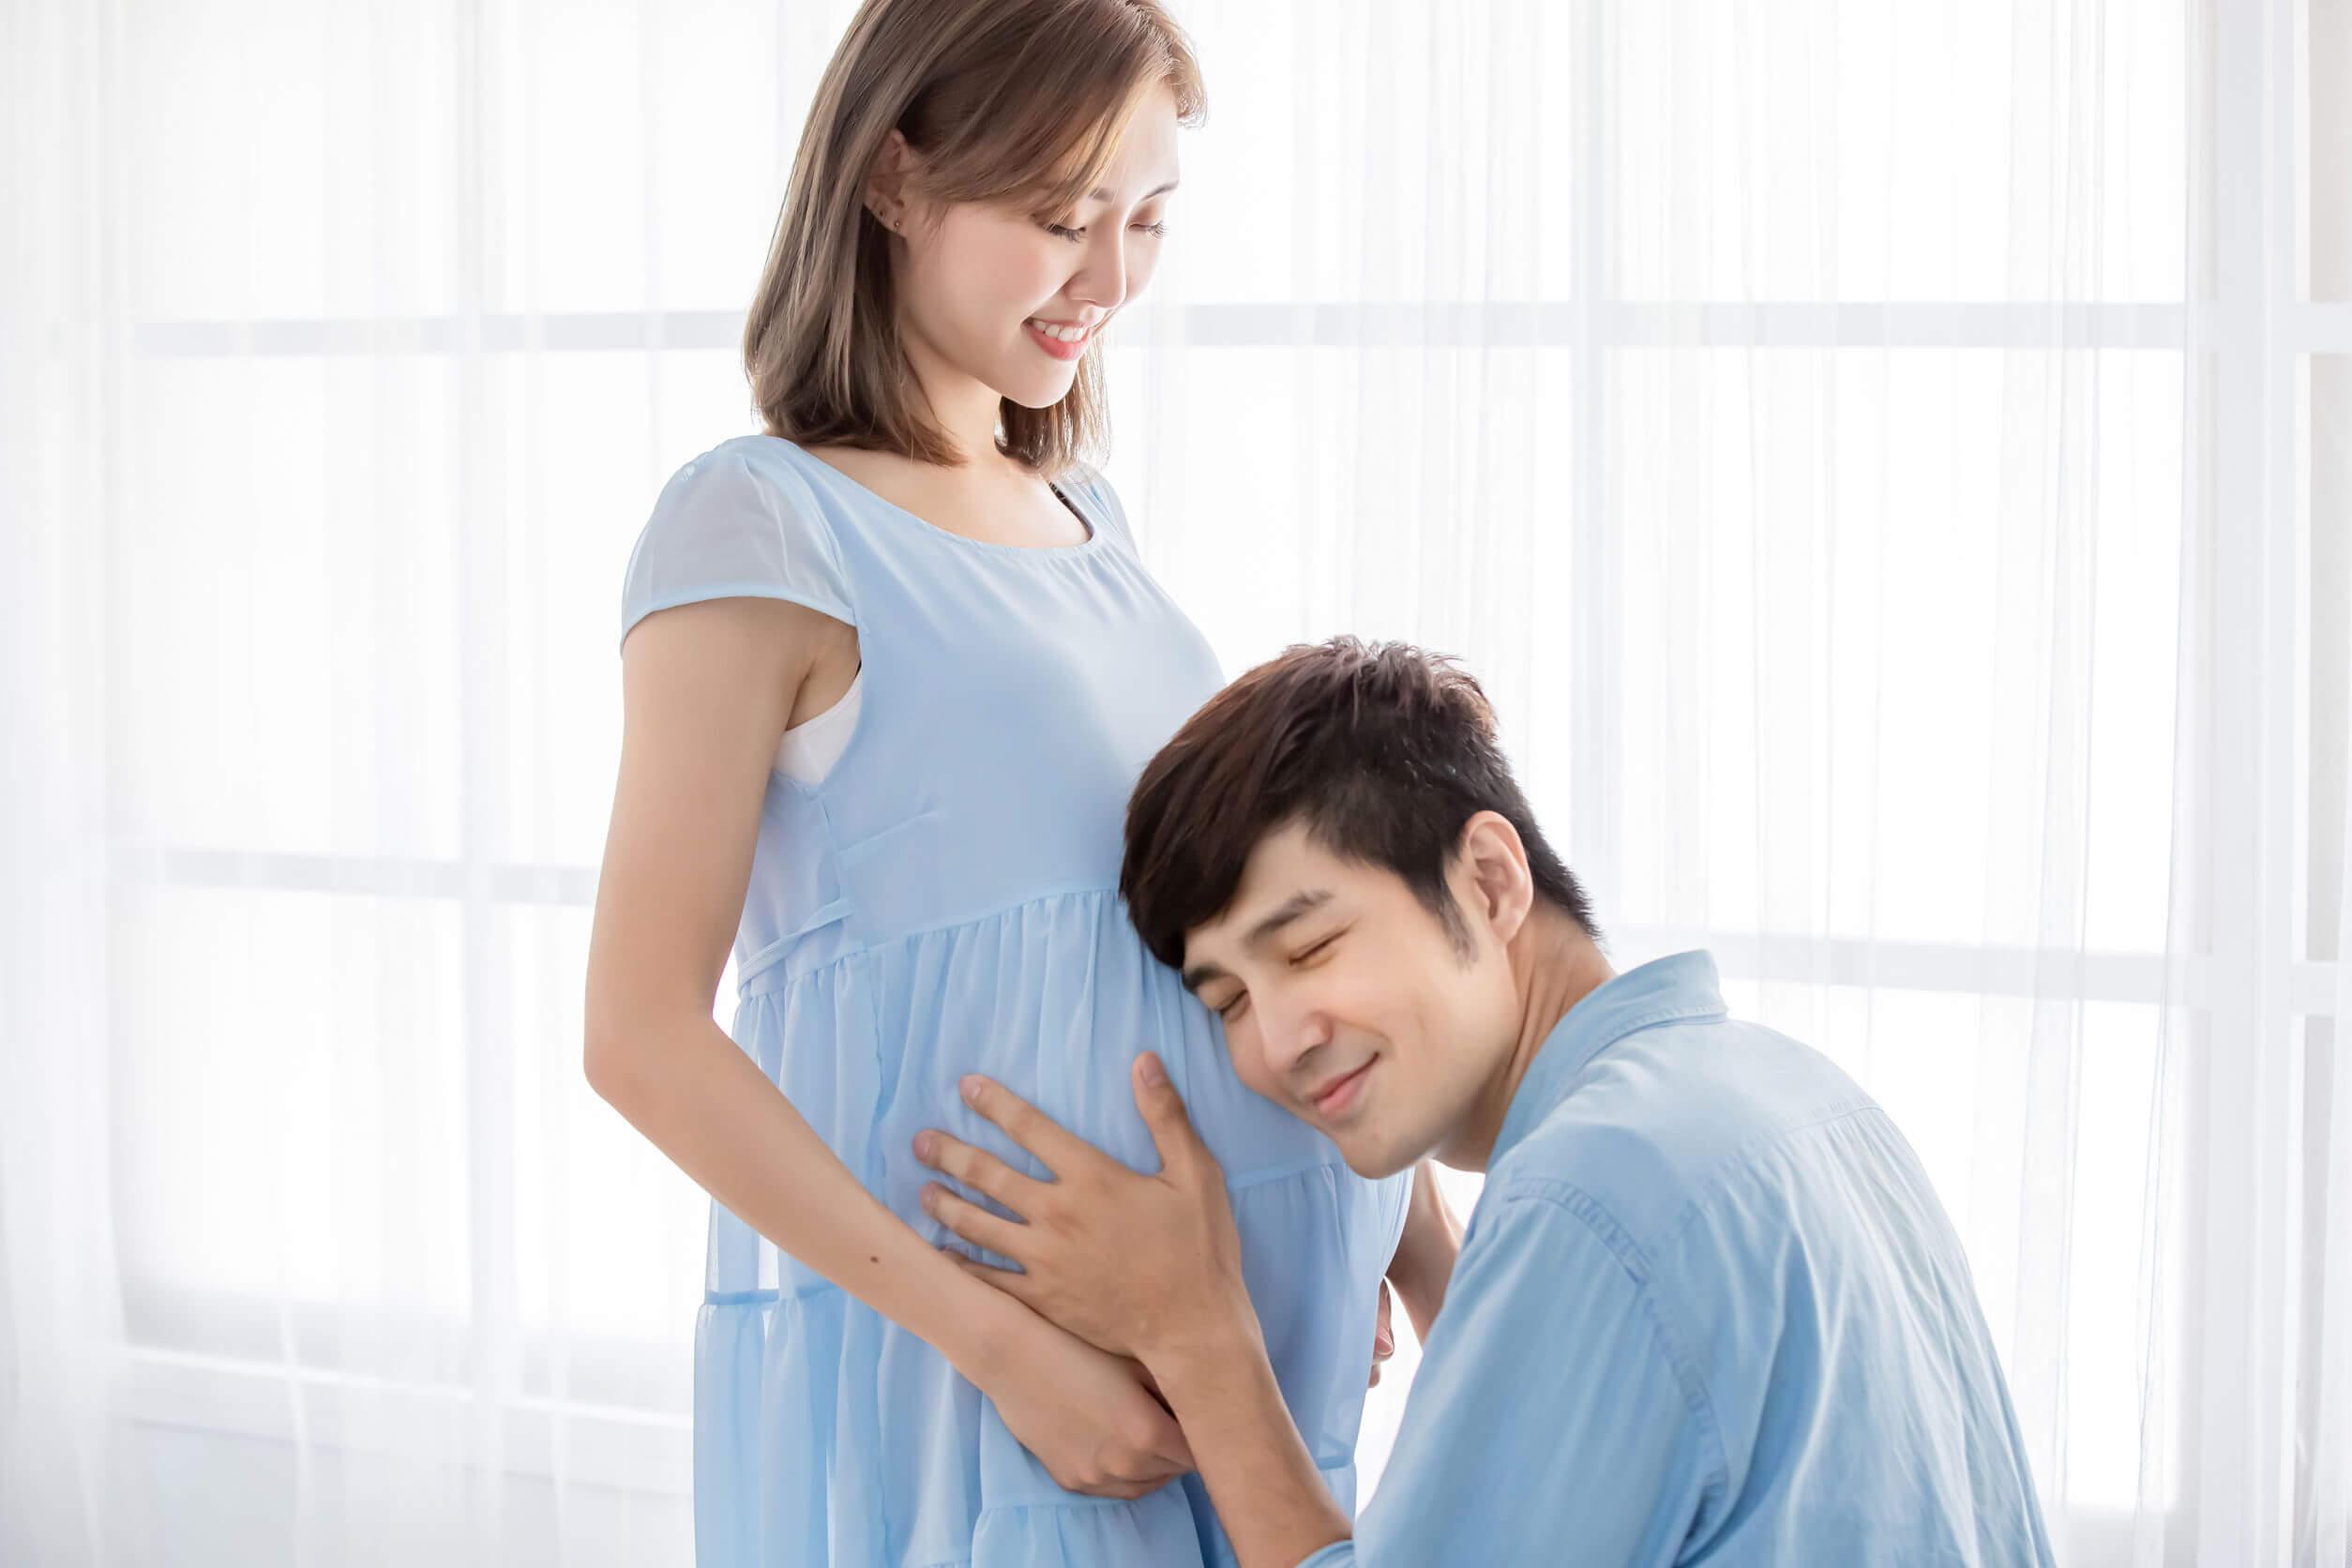 Semana 32 del embarazo